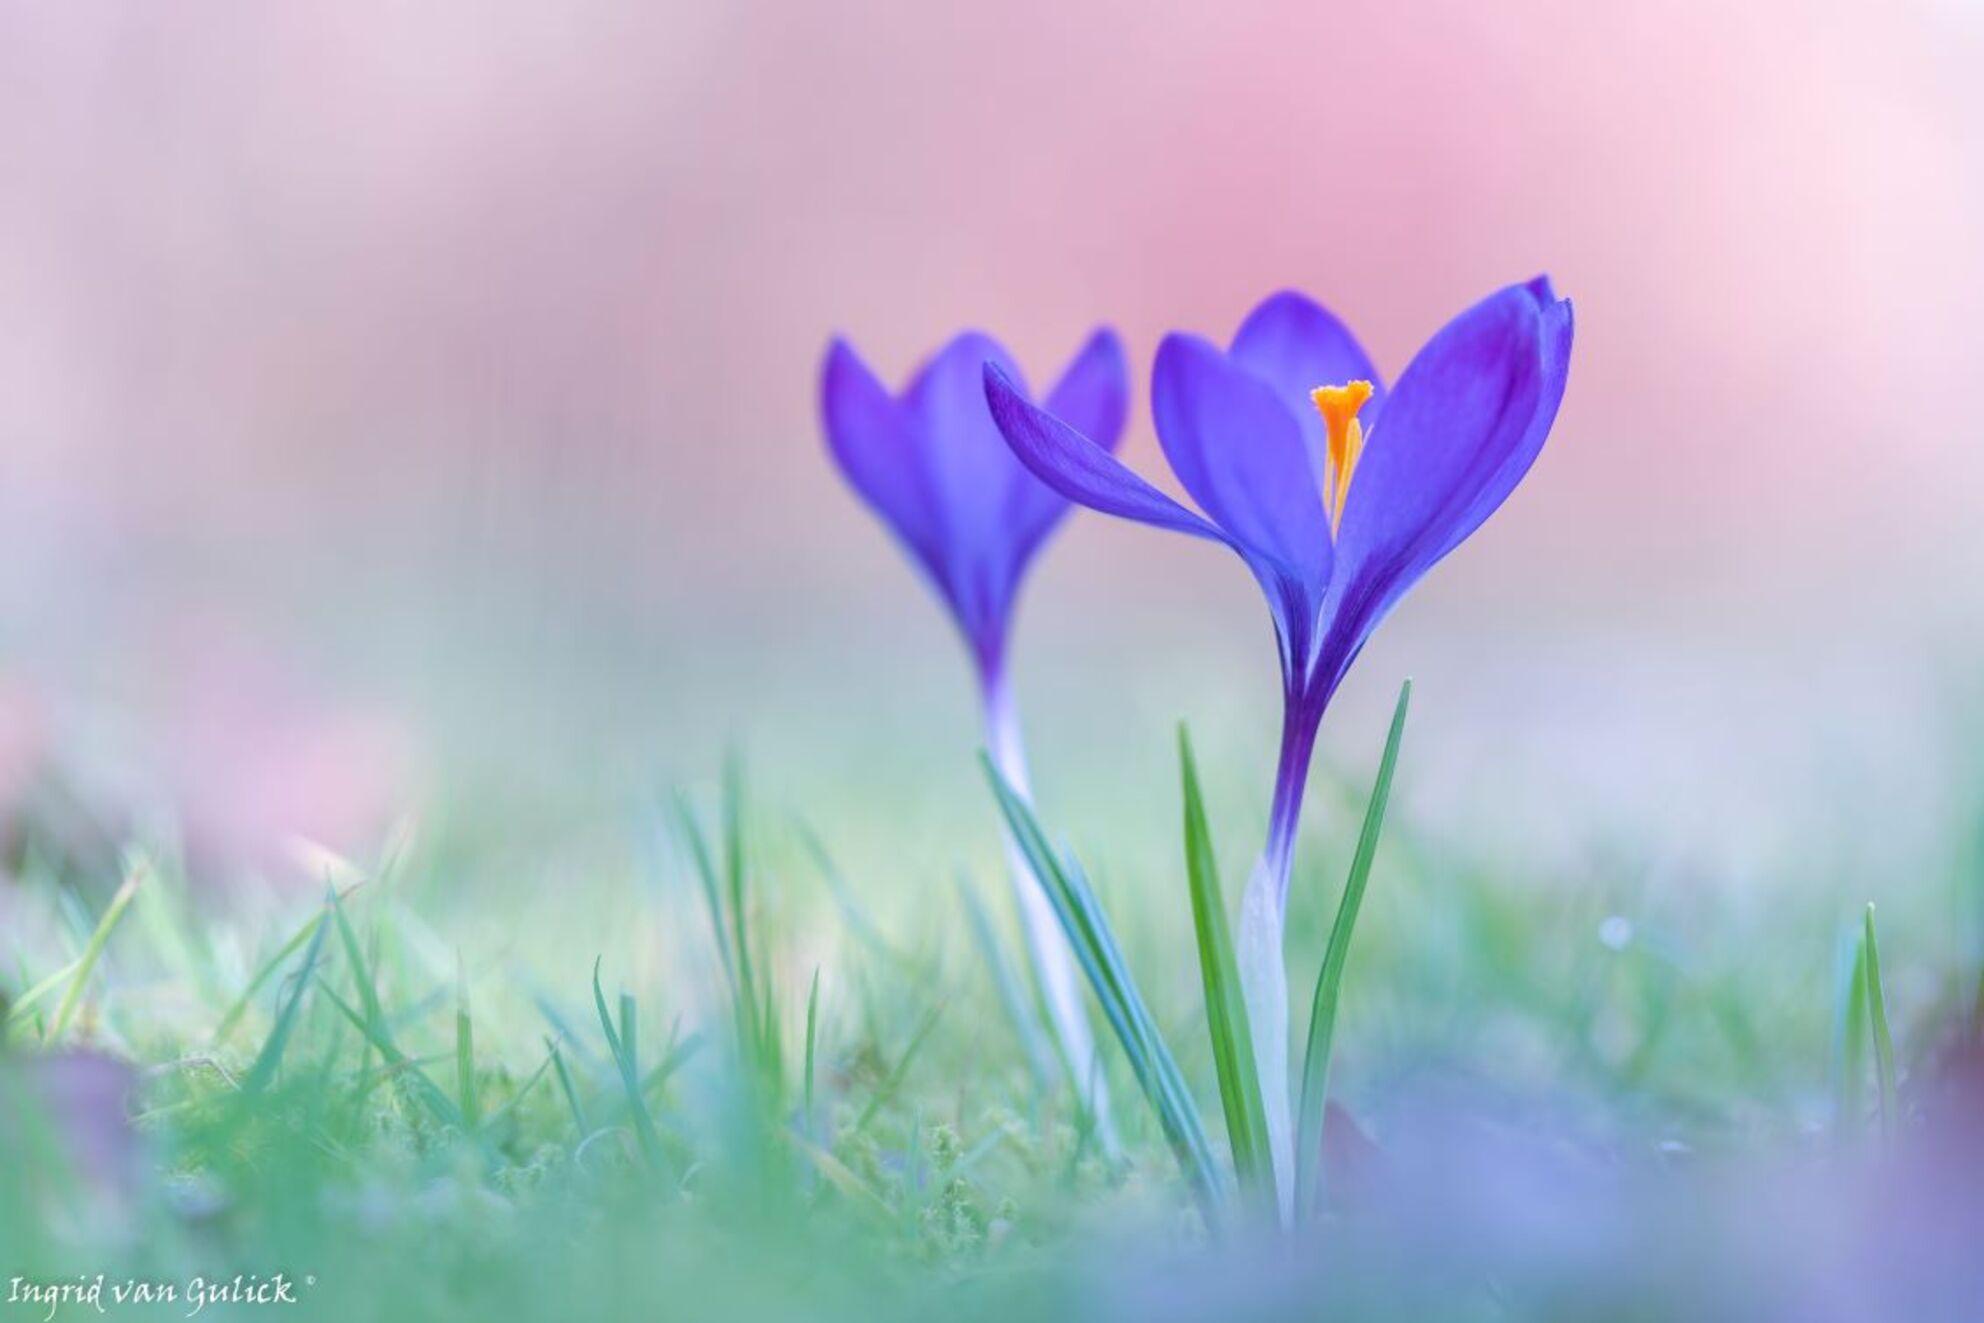 Voorjaar!! - Zo mooi als je de krokus wee boven de grond uit ziet komen, je krijgt meteen een lentegevoel. - foto door ingridvangulick op 26-02-2021 - deze foto bevat: paars, macro, lente